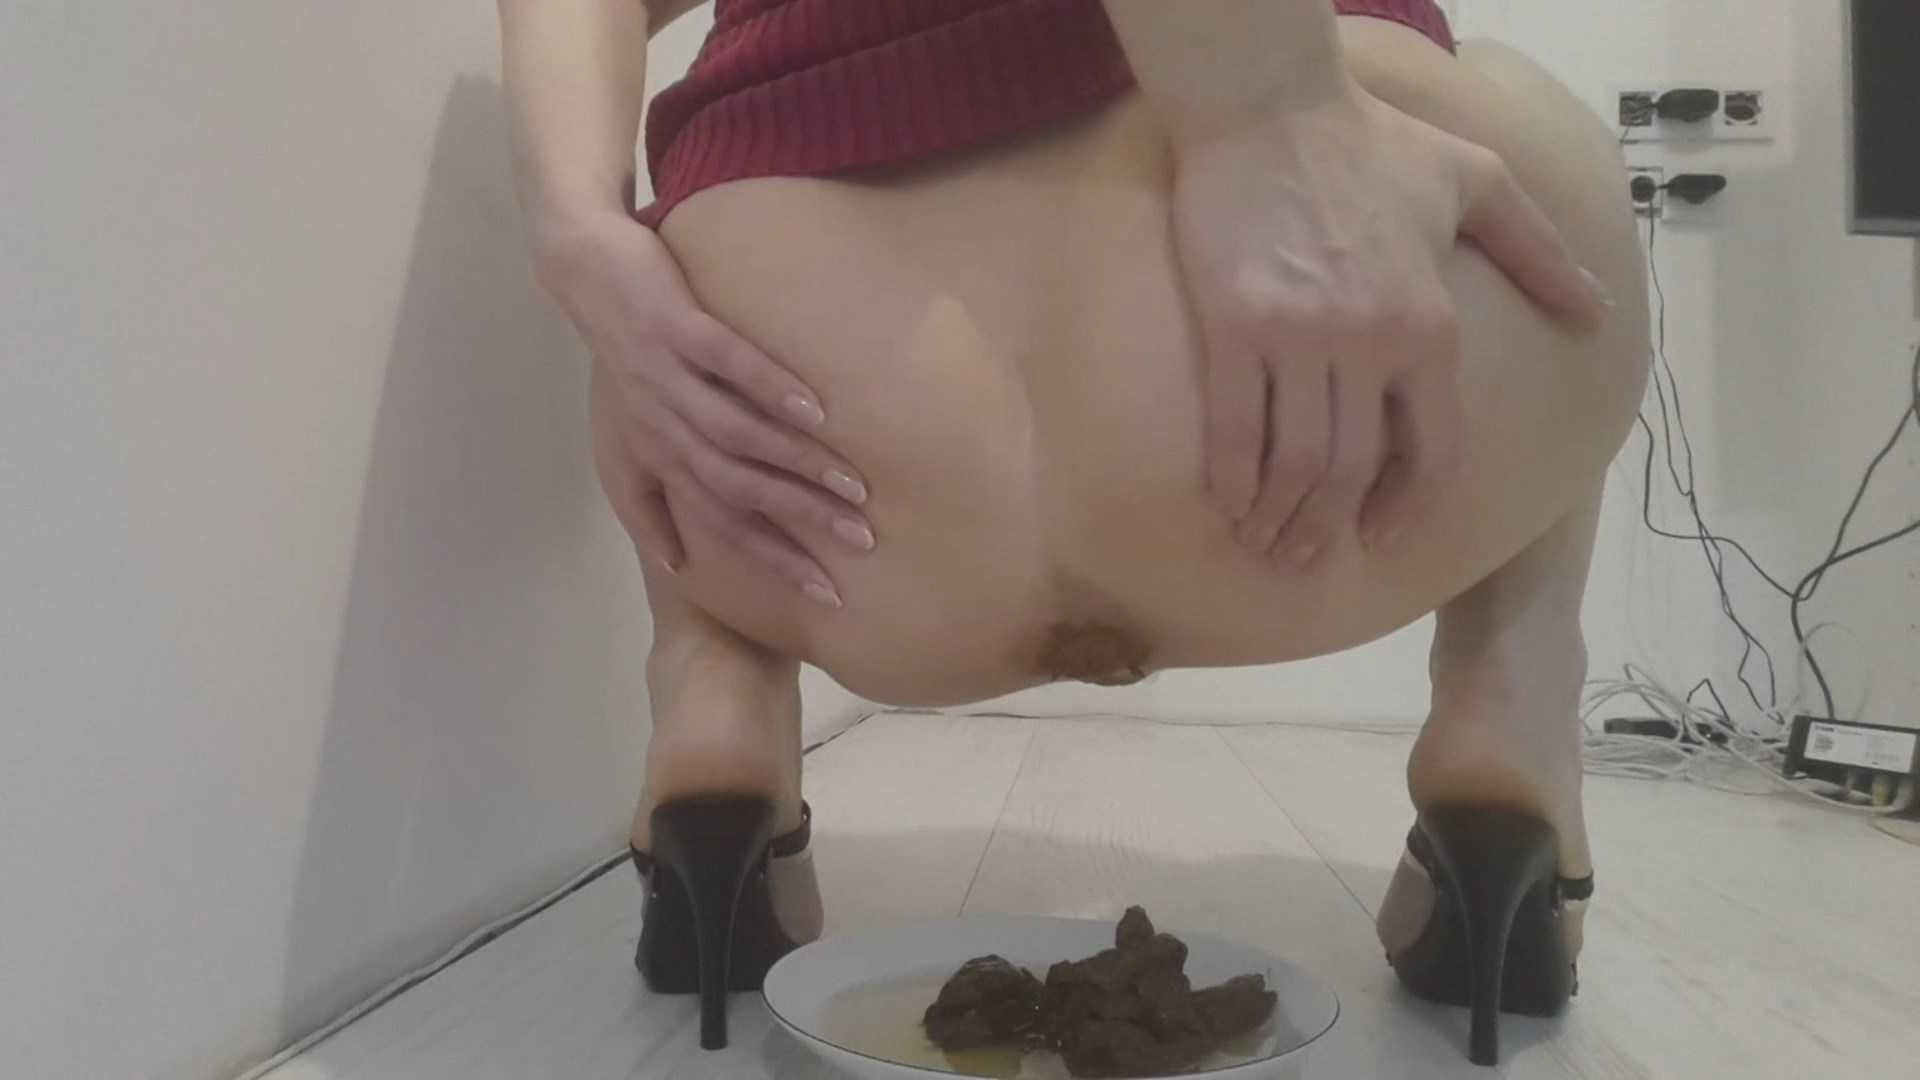 Fucks dsi video girl pooping